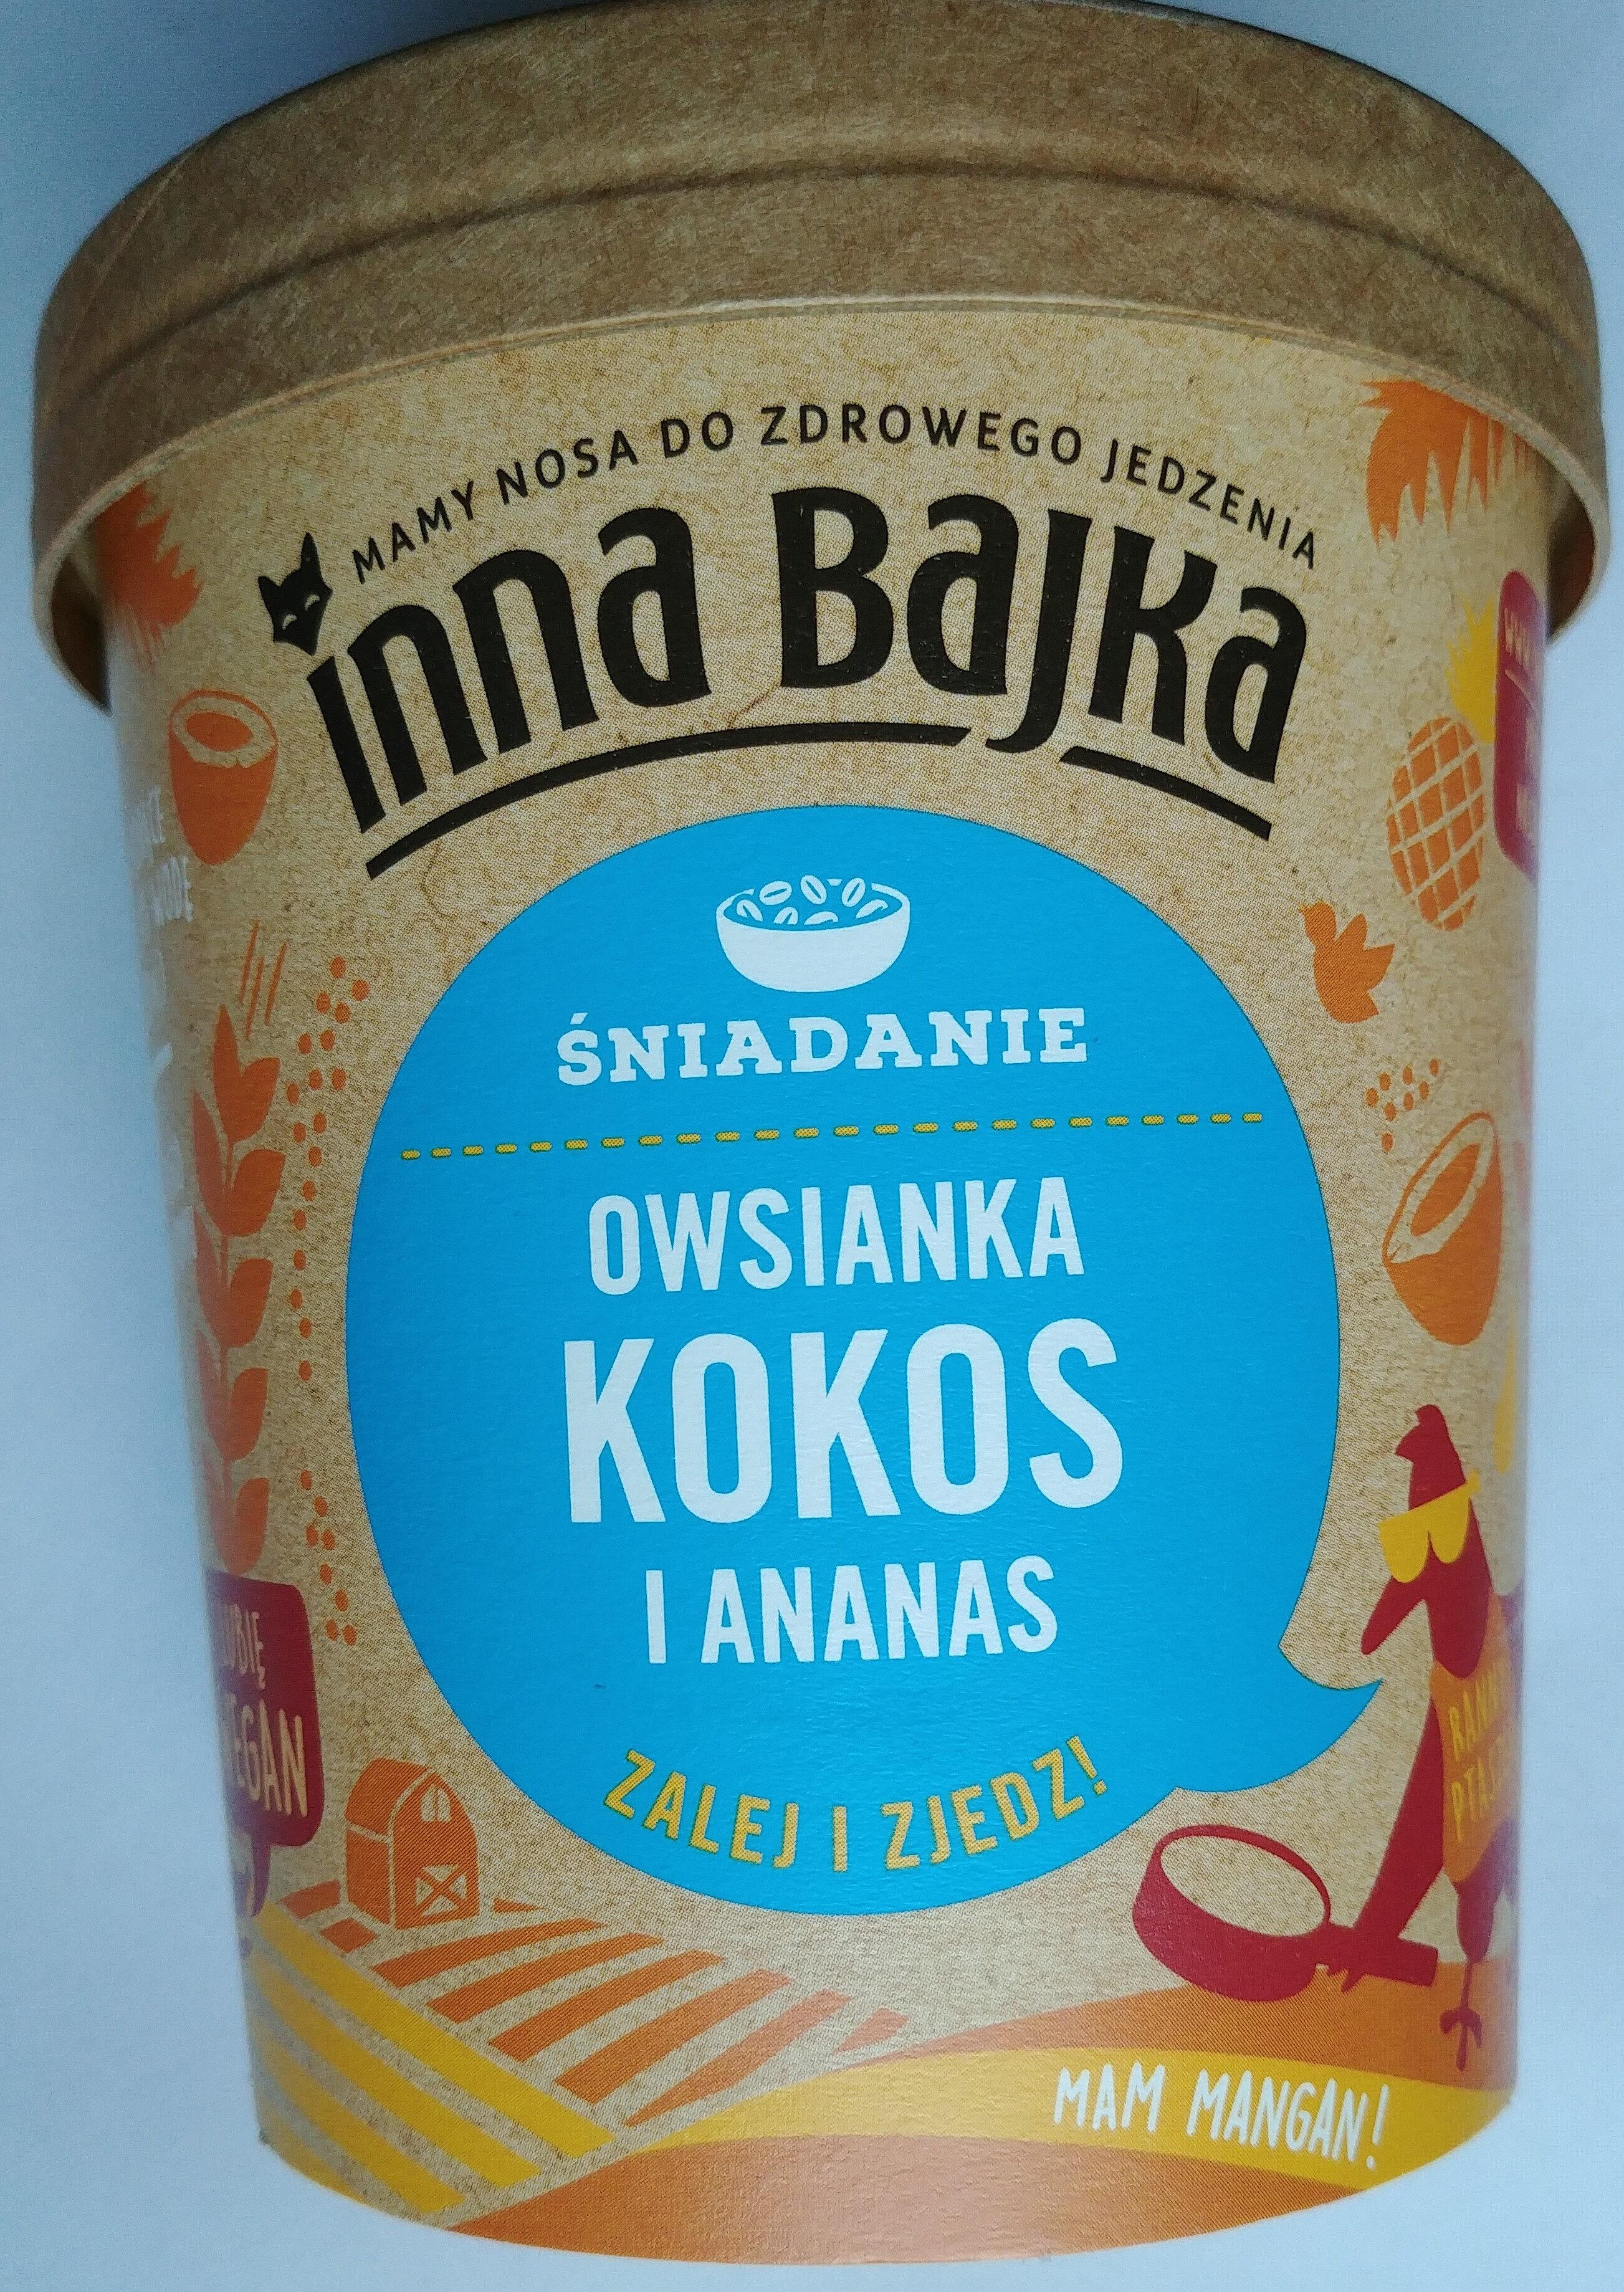 Owsianka kokos i ananas - Produkt